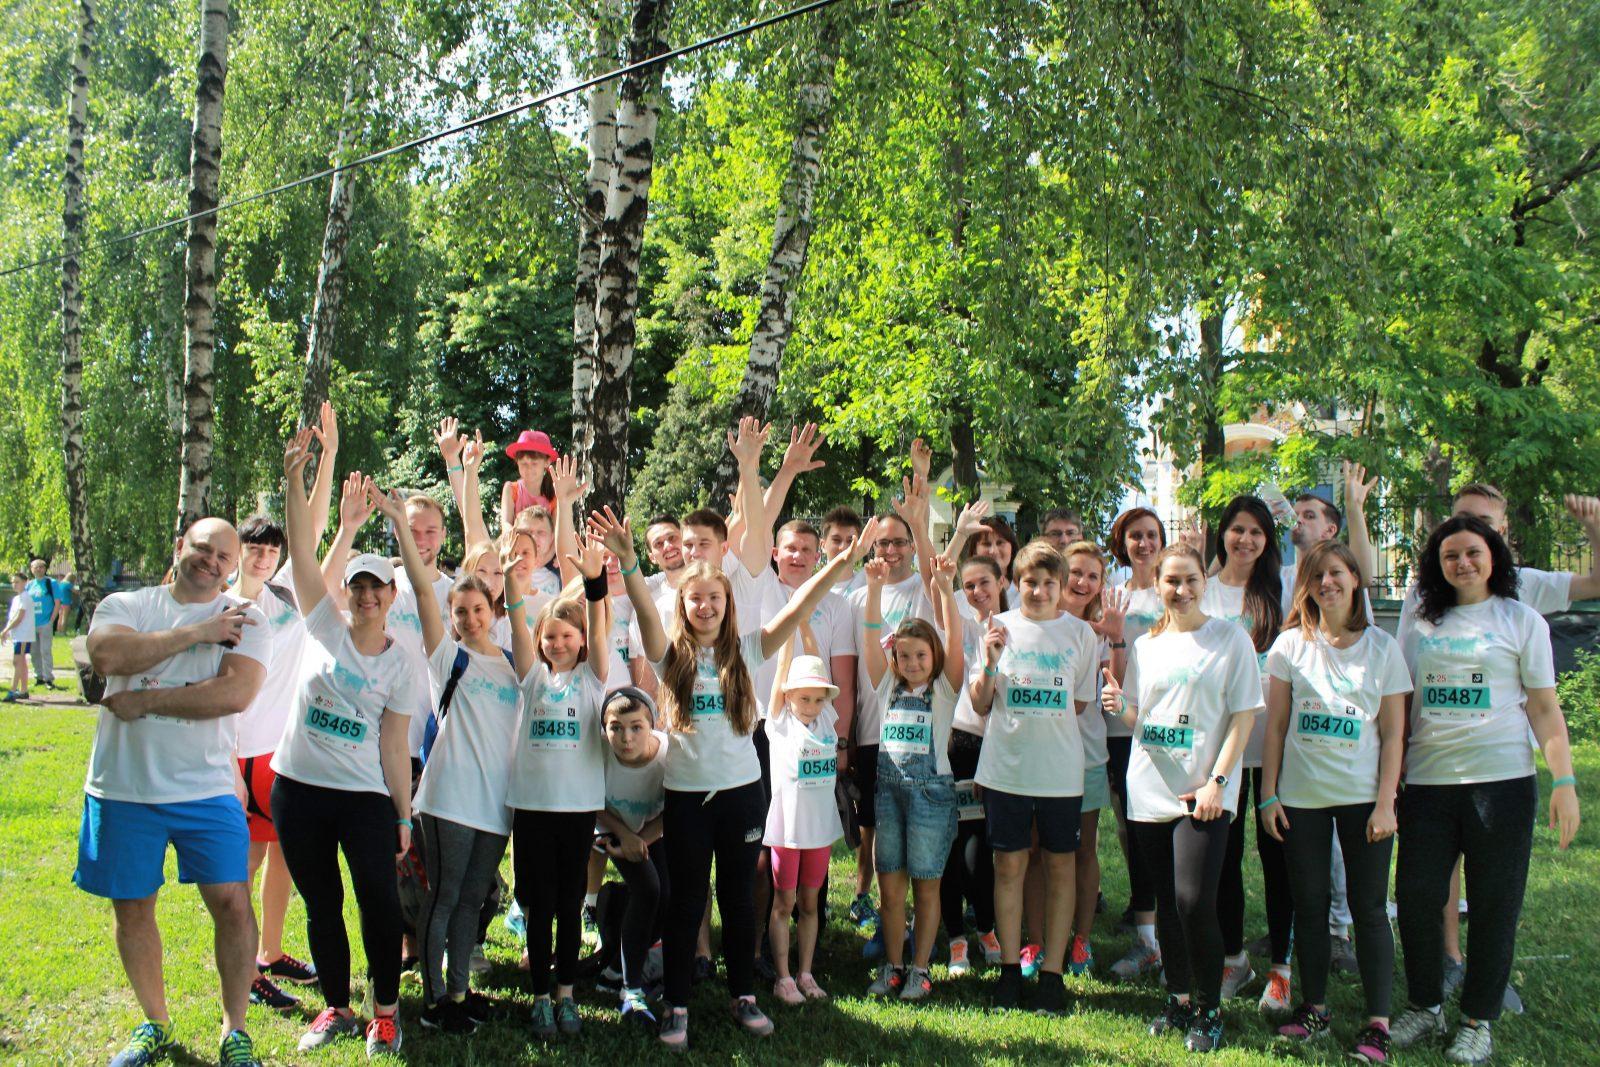 Команда «Марс Украина» в третий раз приняла участие в «Пробеге под каштанами»